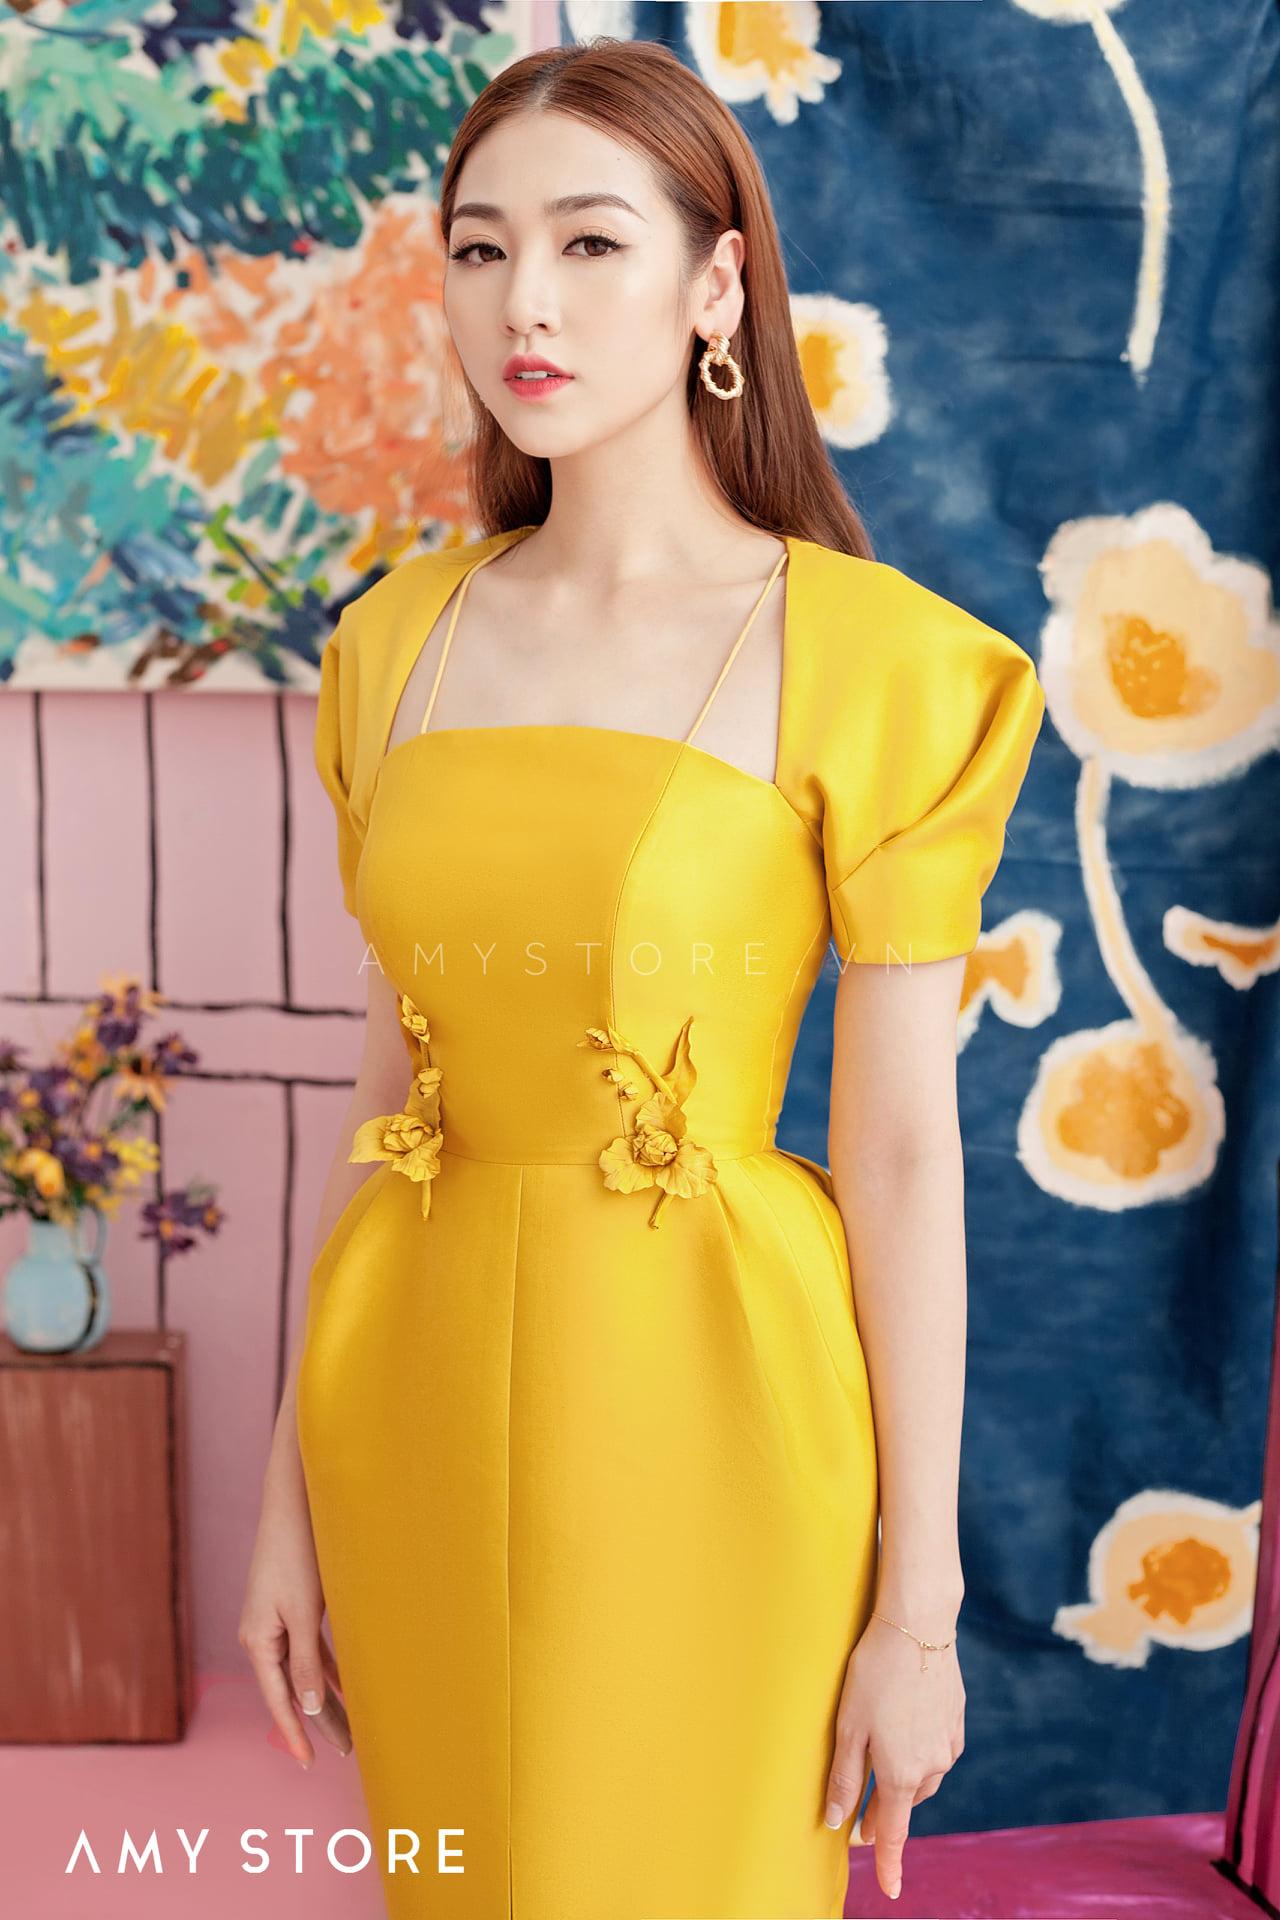 Amy Store - Thiết kế độc nhất tự hào mang lại vẻ đẹp Việt - Ảnh 4.